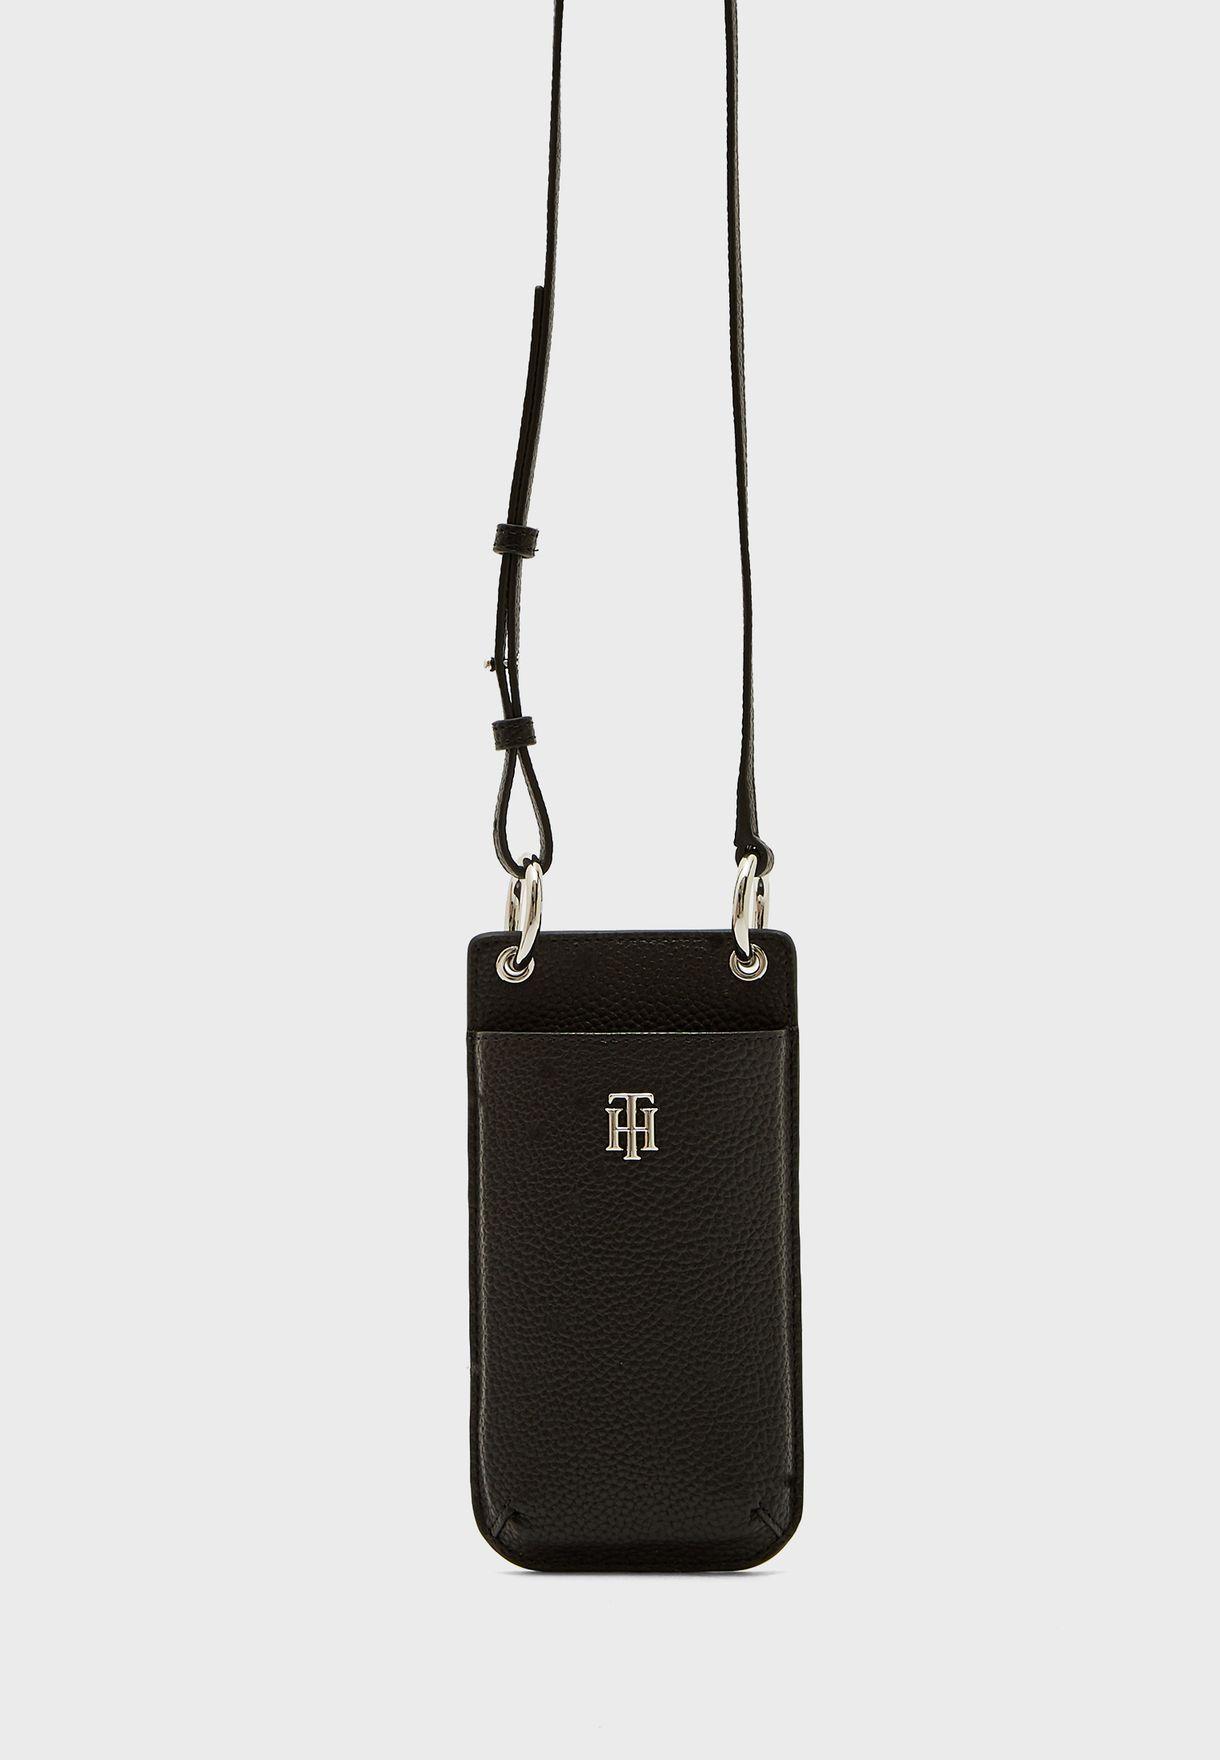 محفظة هاتف وبطاقات بحمالة كتف طويلة